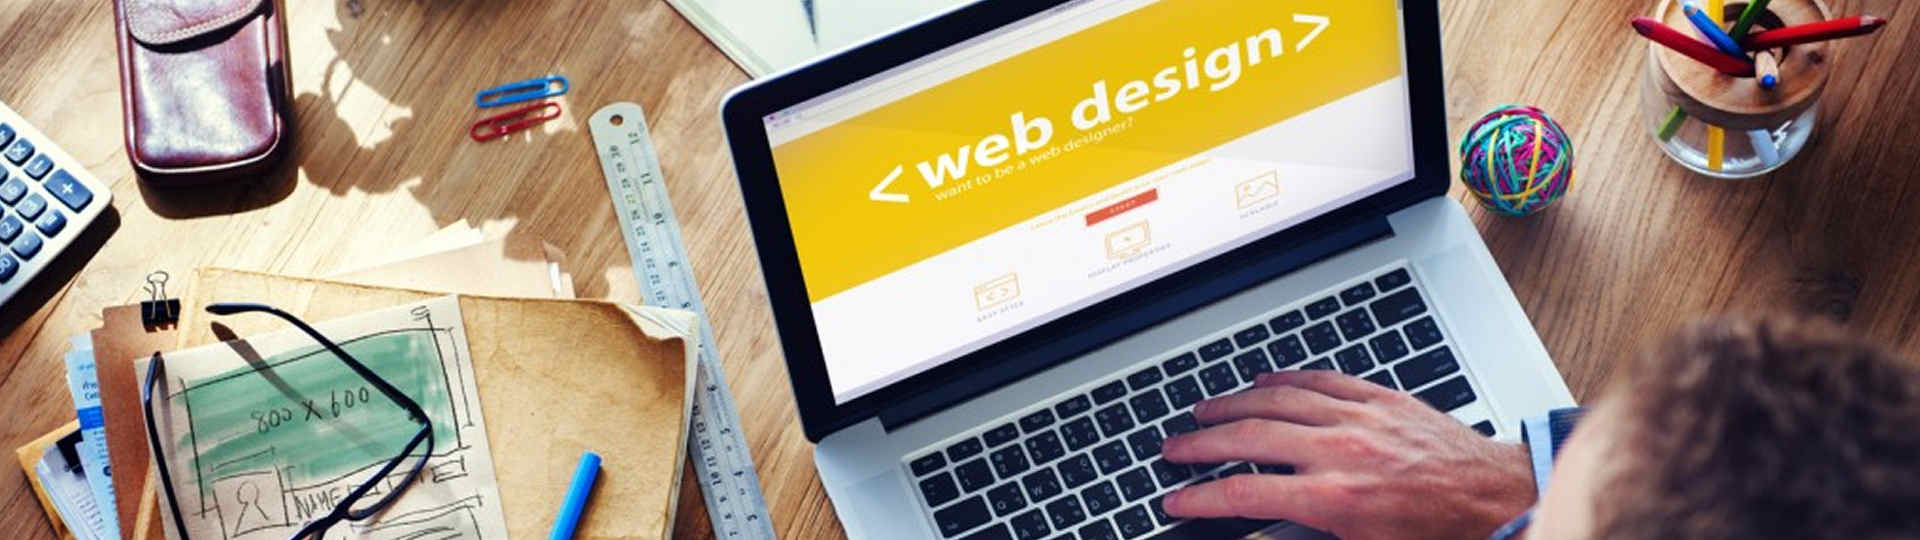 Progettazione e Sviluppo Siti Web professionali